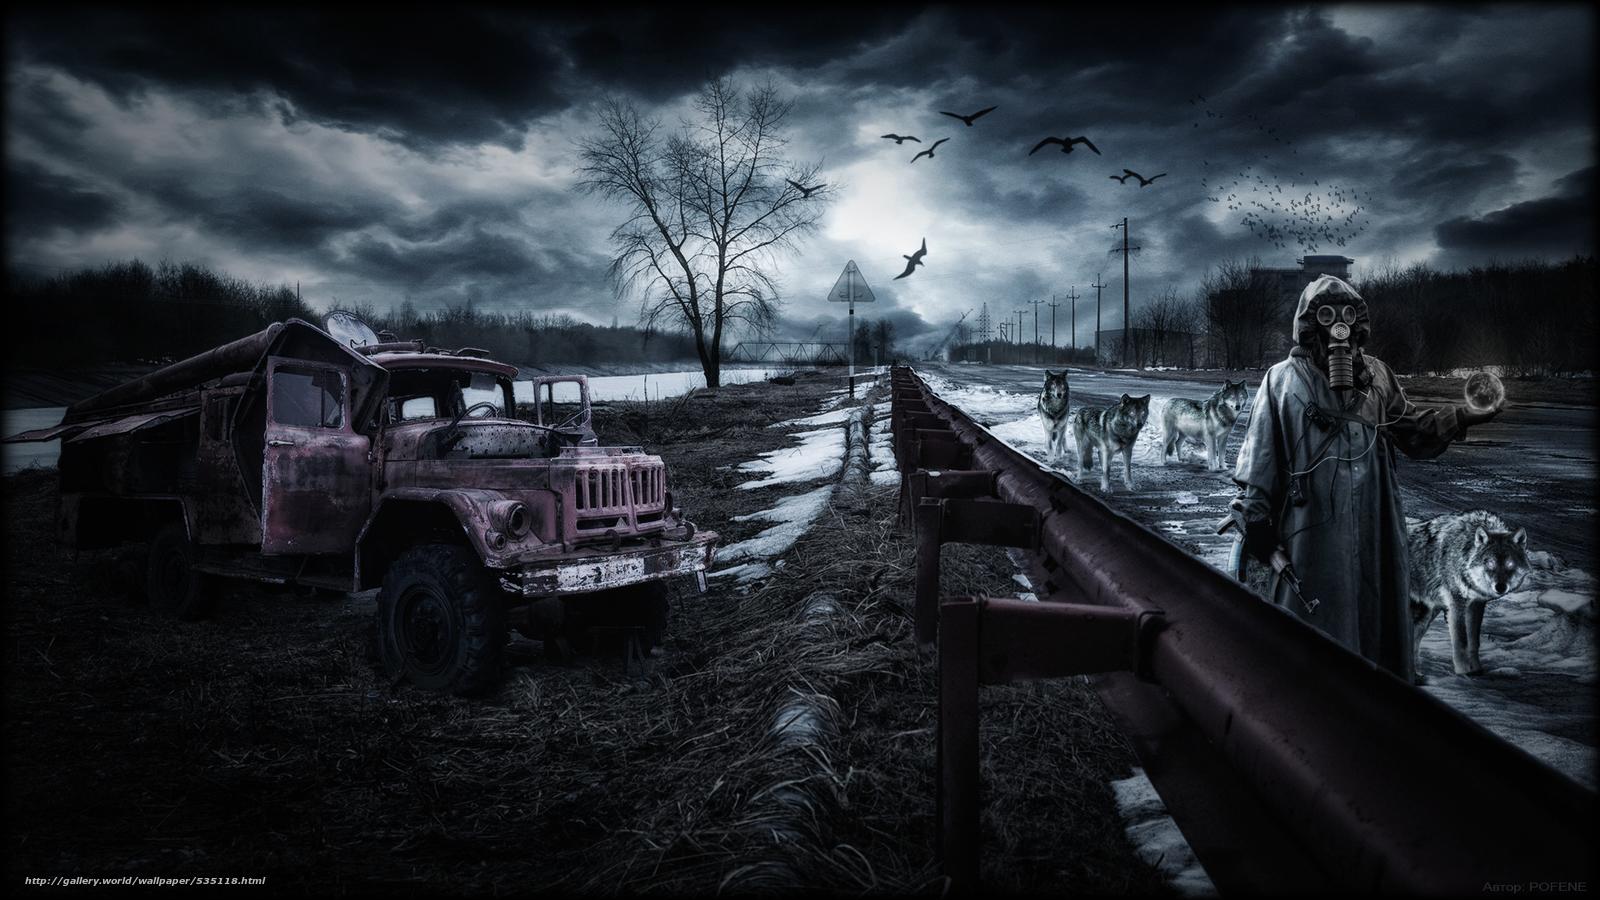 Chernobyl, Apocalipse, Pripyat, Wolves, paisagem, empacotar, artefato, perseguidor, estrada, outono, PRIMAVERA, zil, equipamento, tempestade, c?u, aves, grama, m?quina, catcher